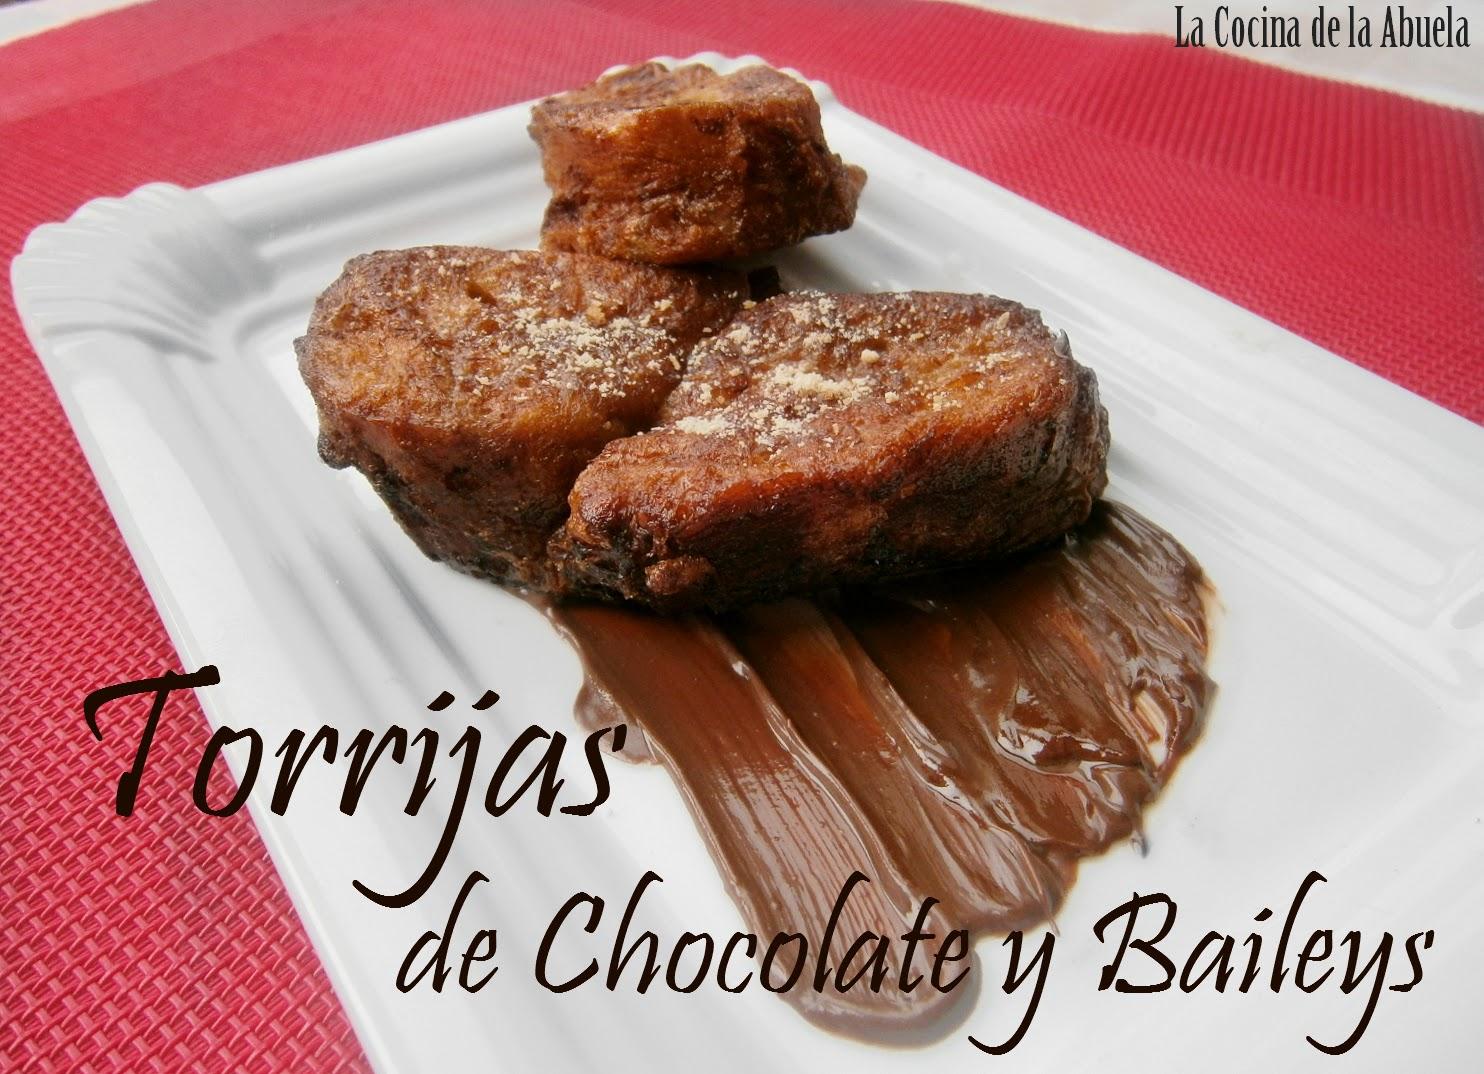 Torrijas de Chocolate y Baileys